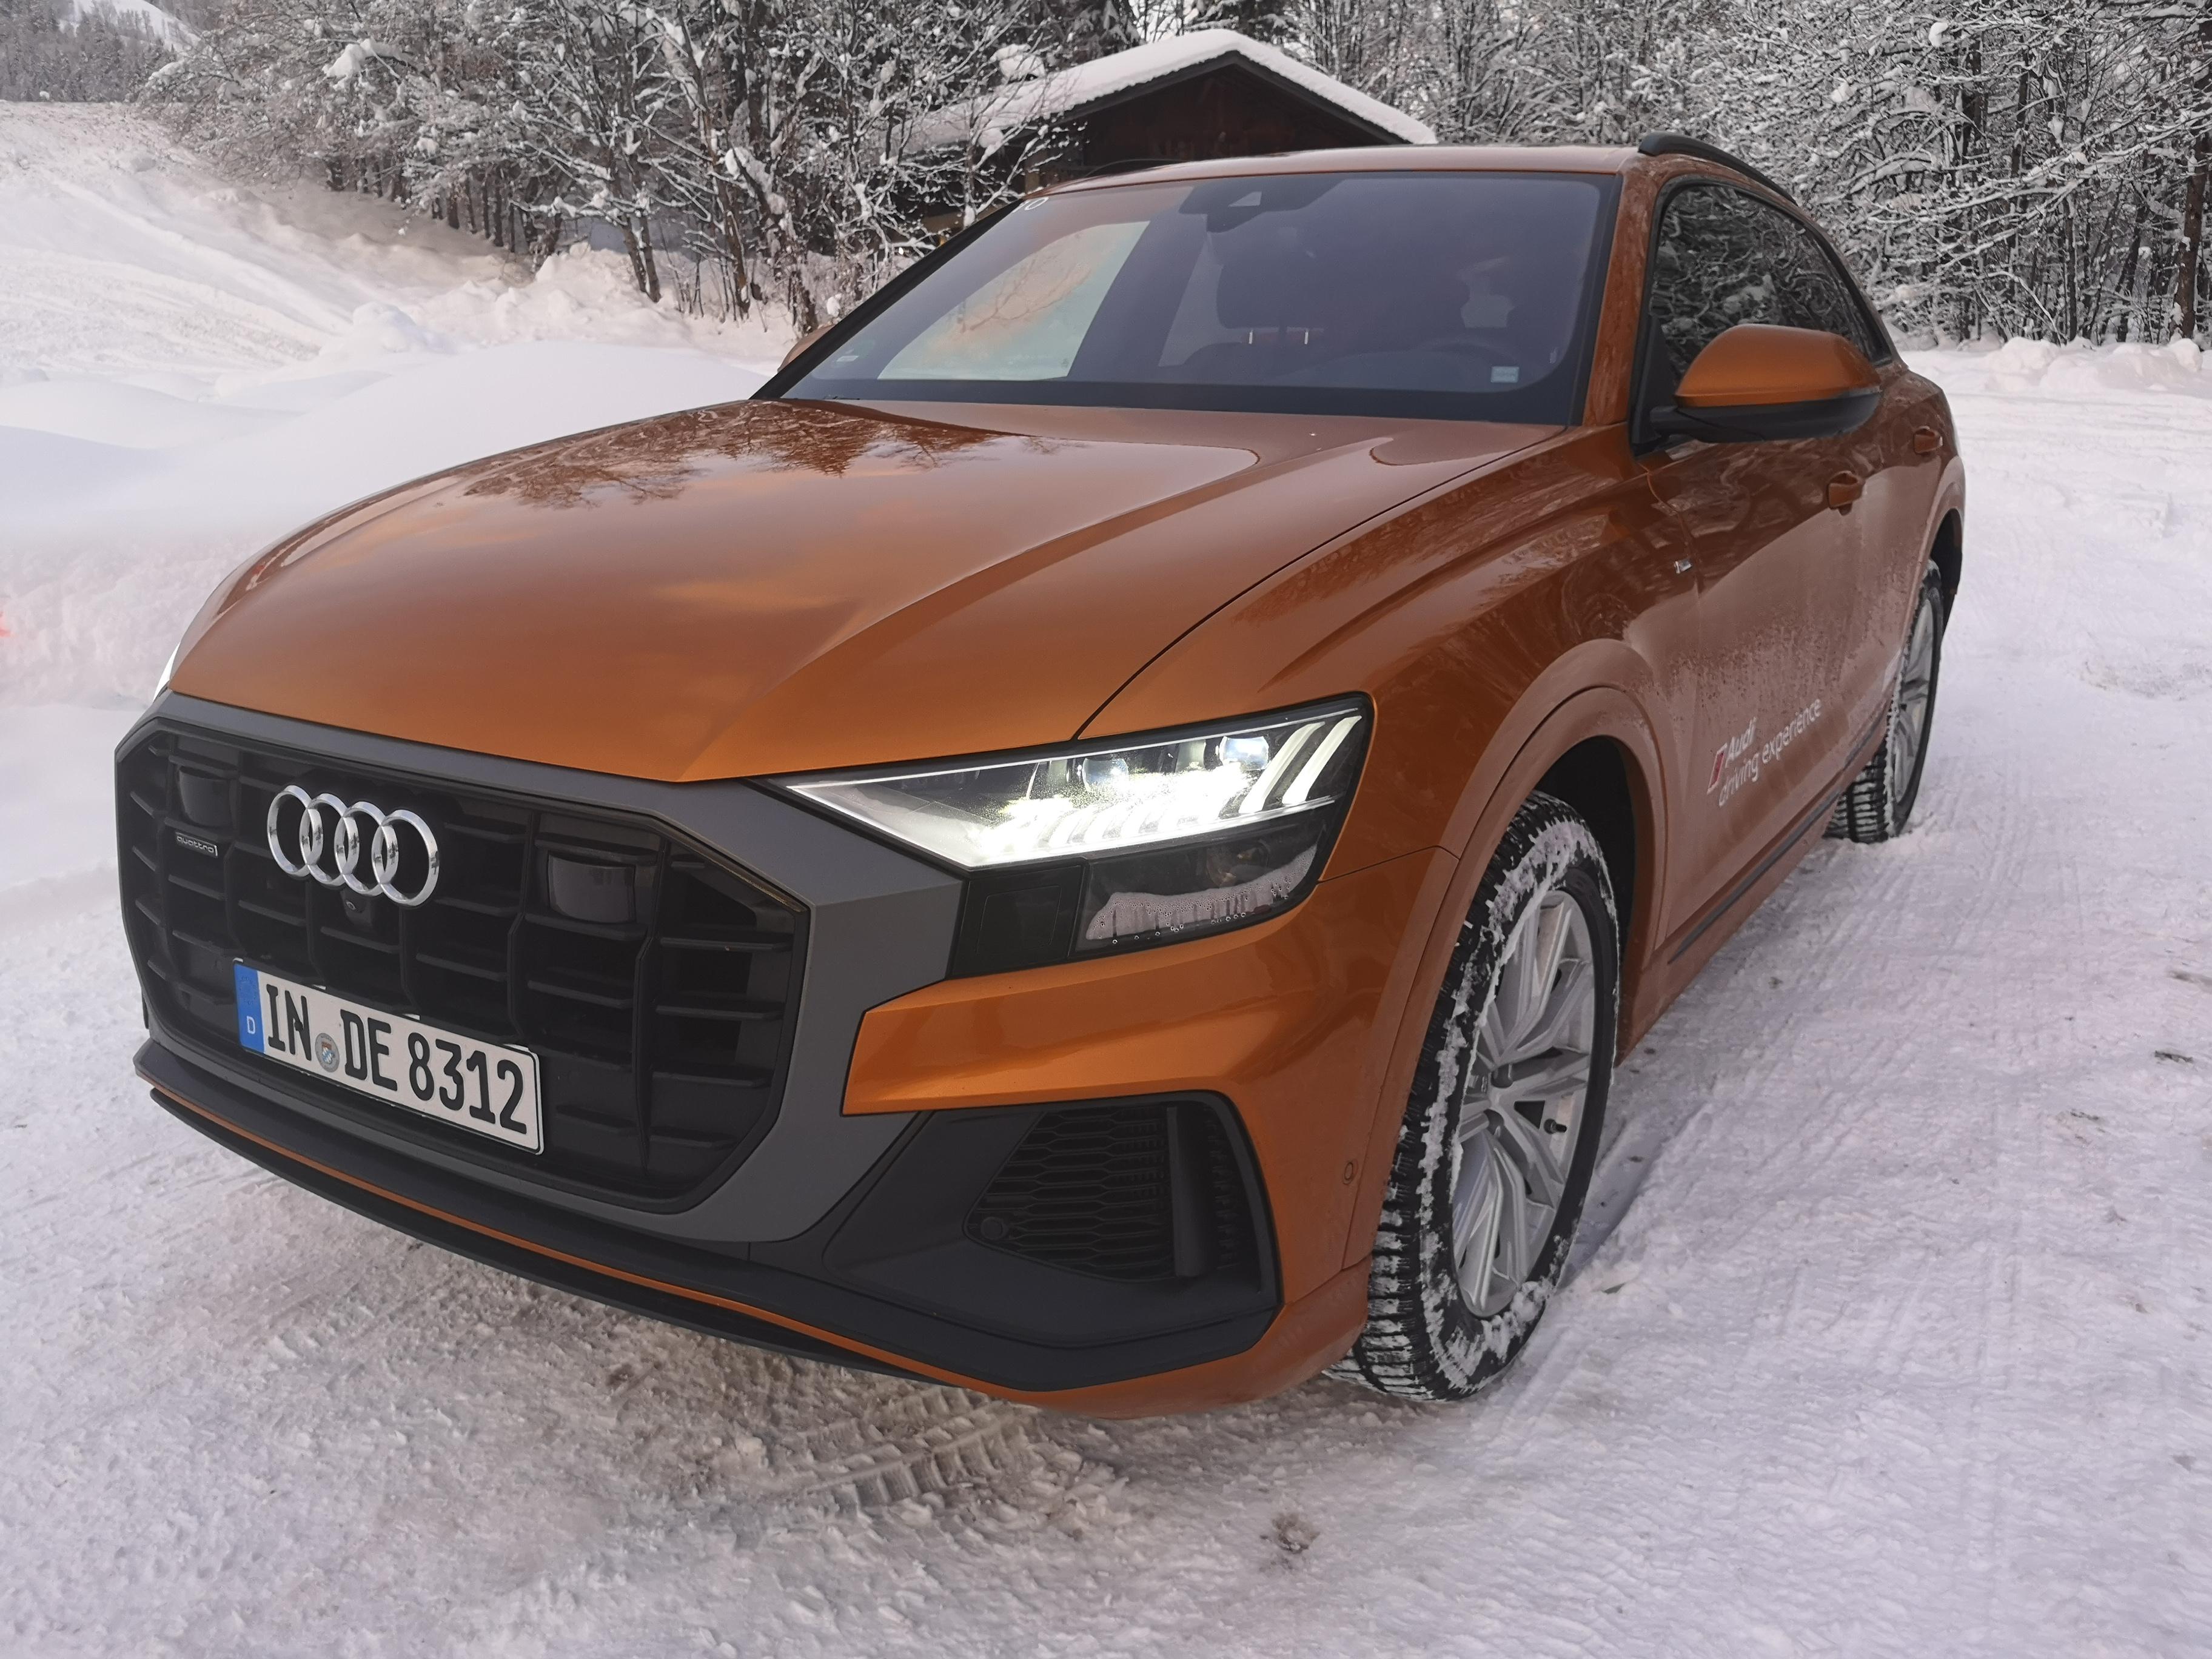 AR prijatelj: utisci sa Audi Driving Experience: Q8, S6 i Q3 35 TDI (VIDEO)